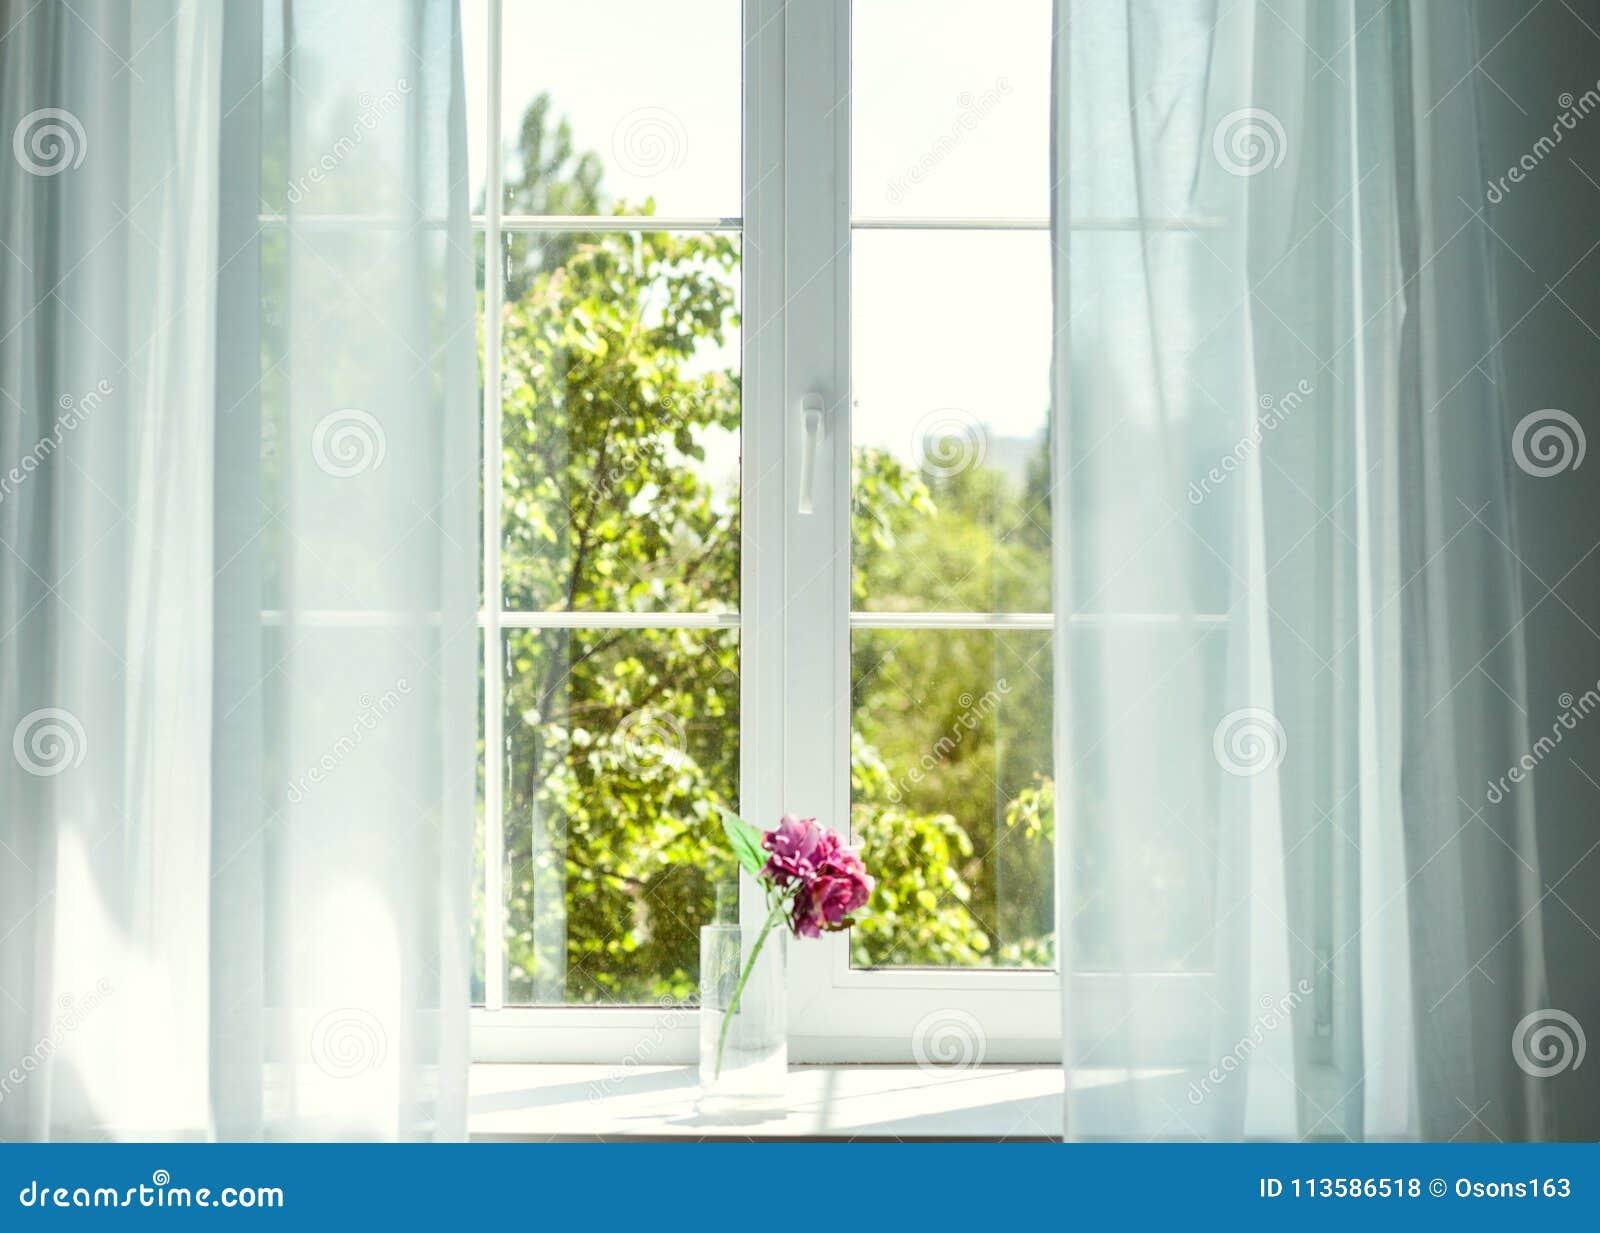 Ventana con las cortinas y las flores